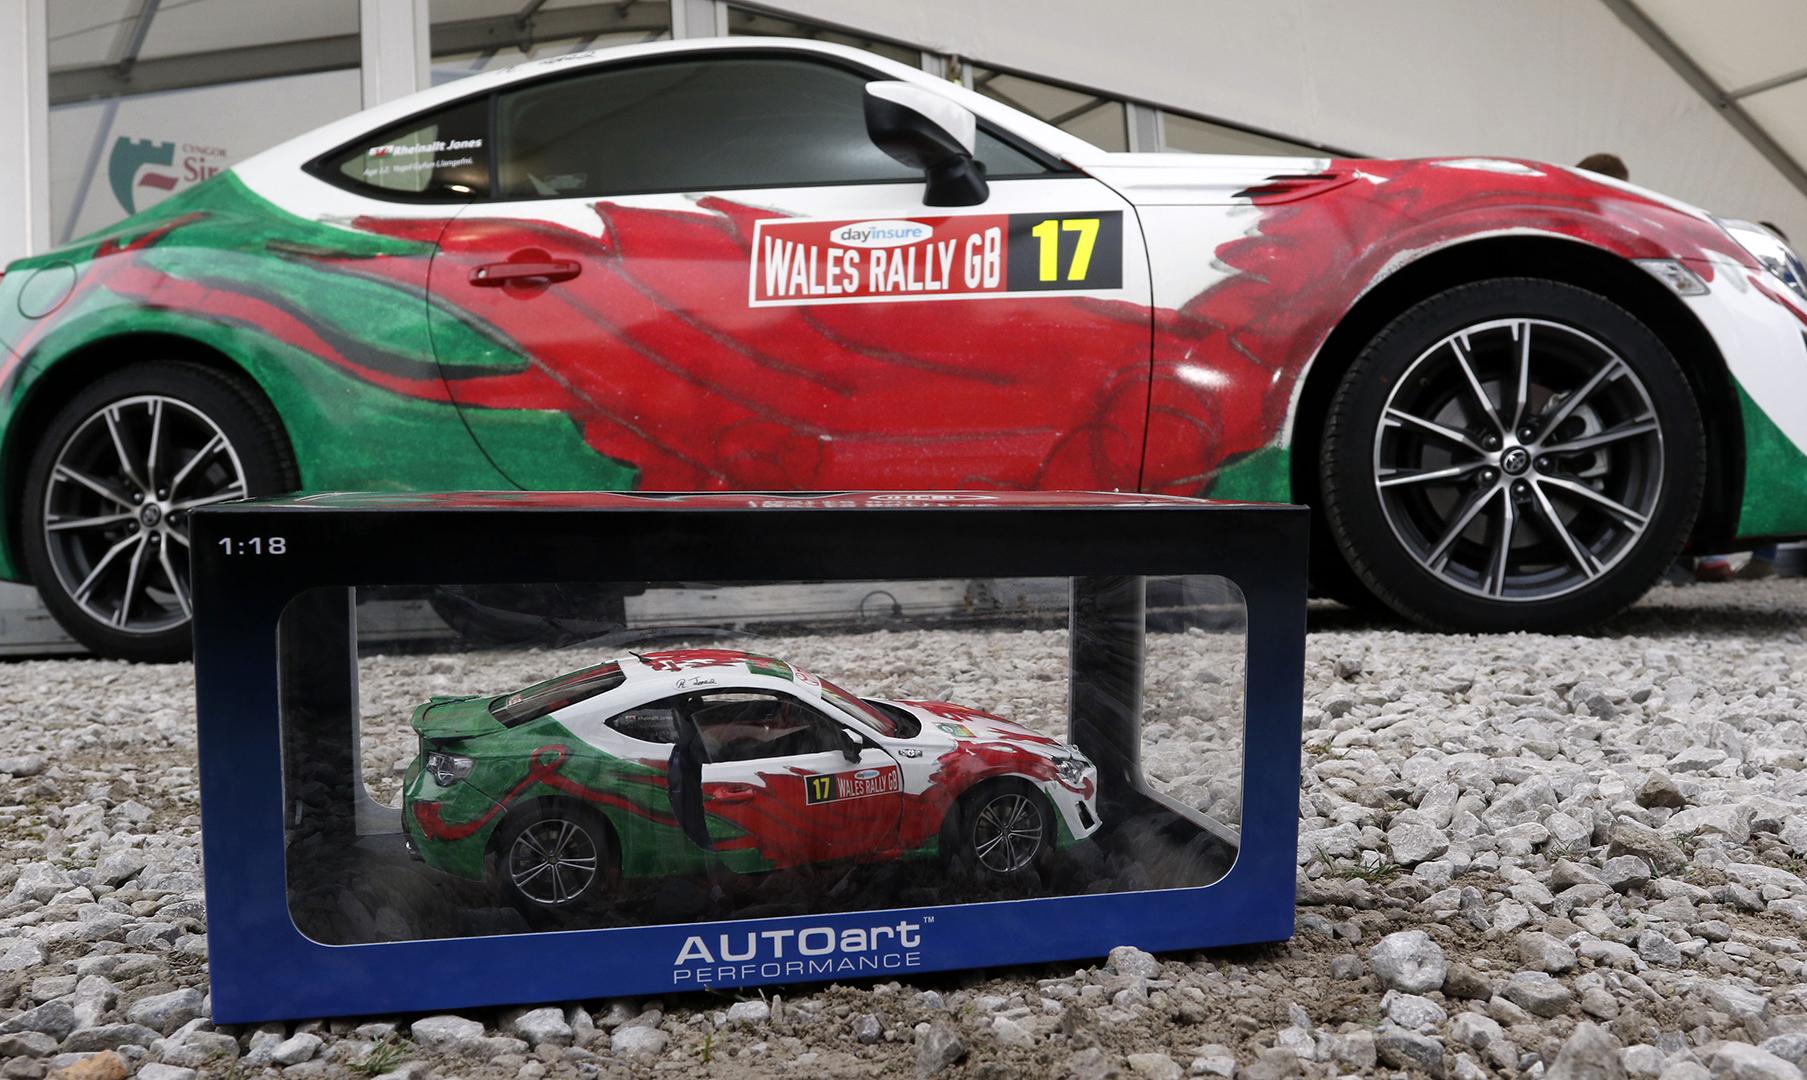 GT86 rally car